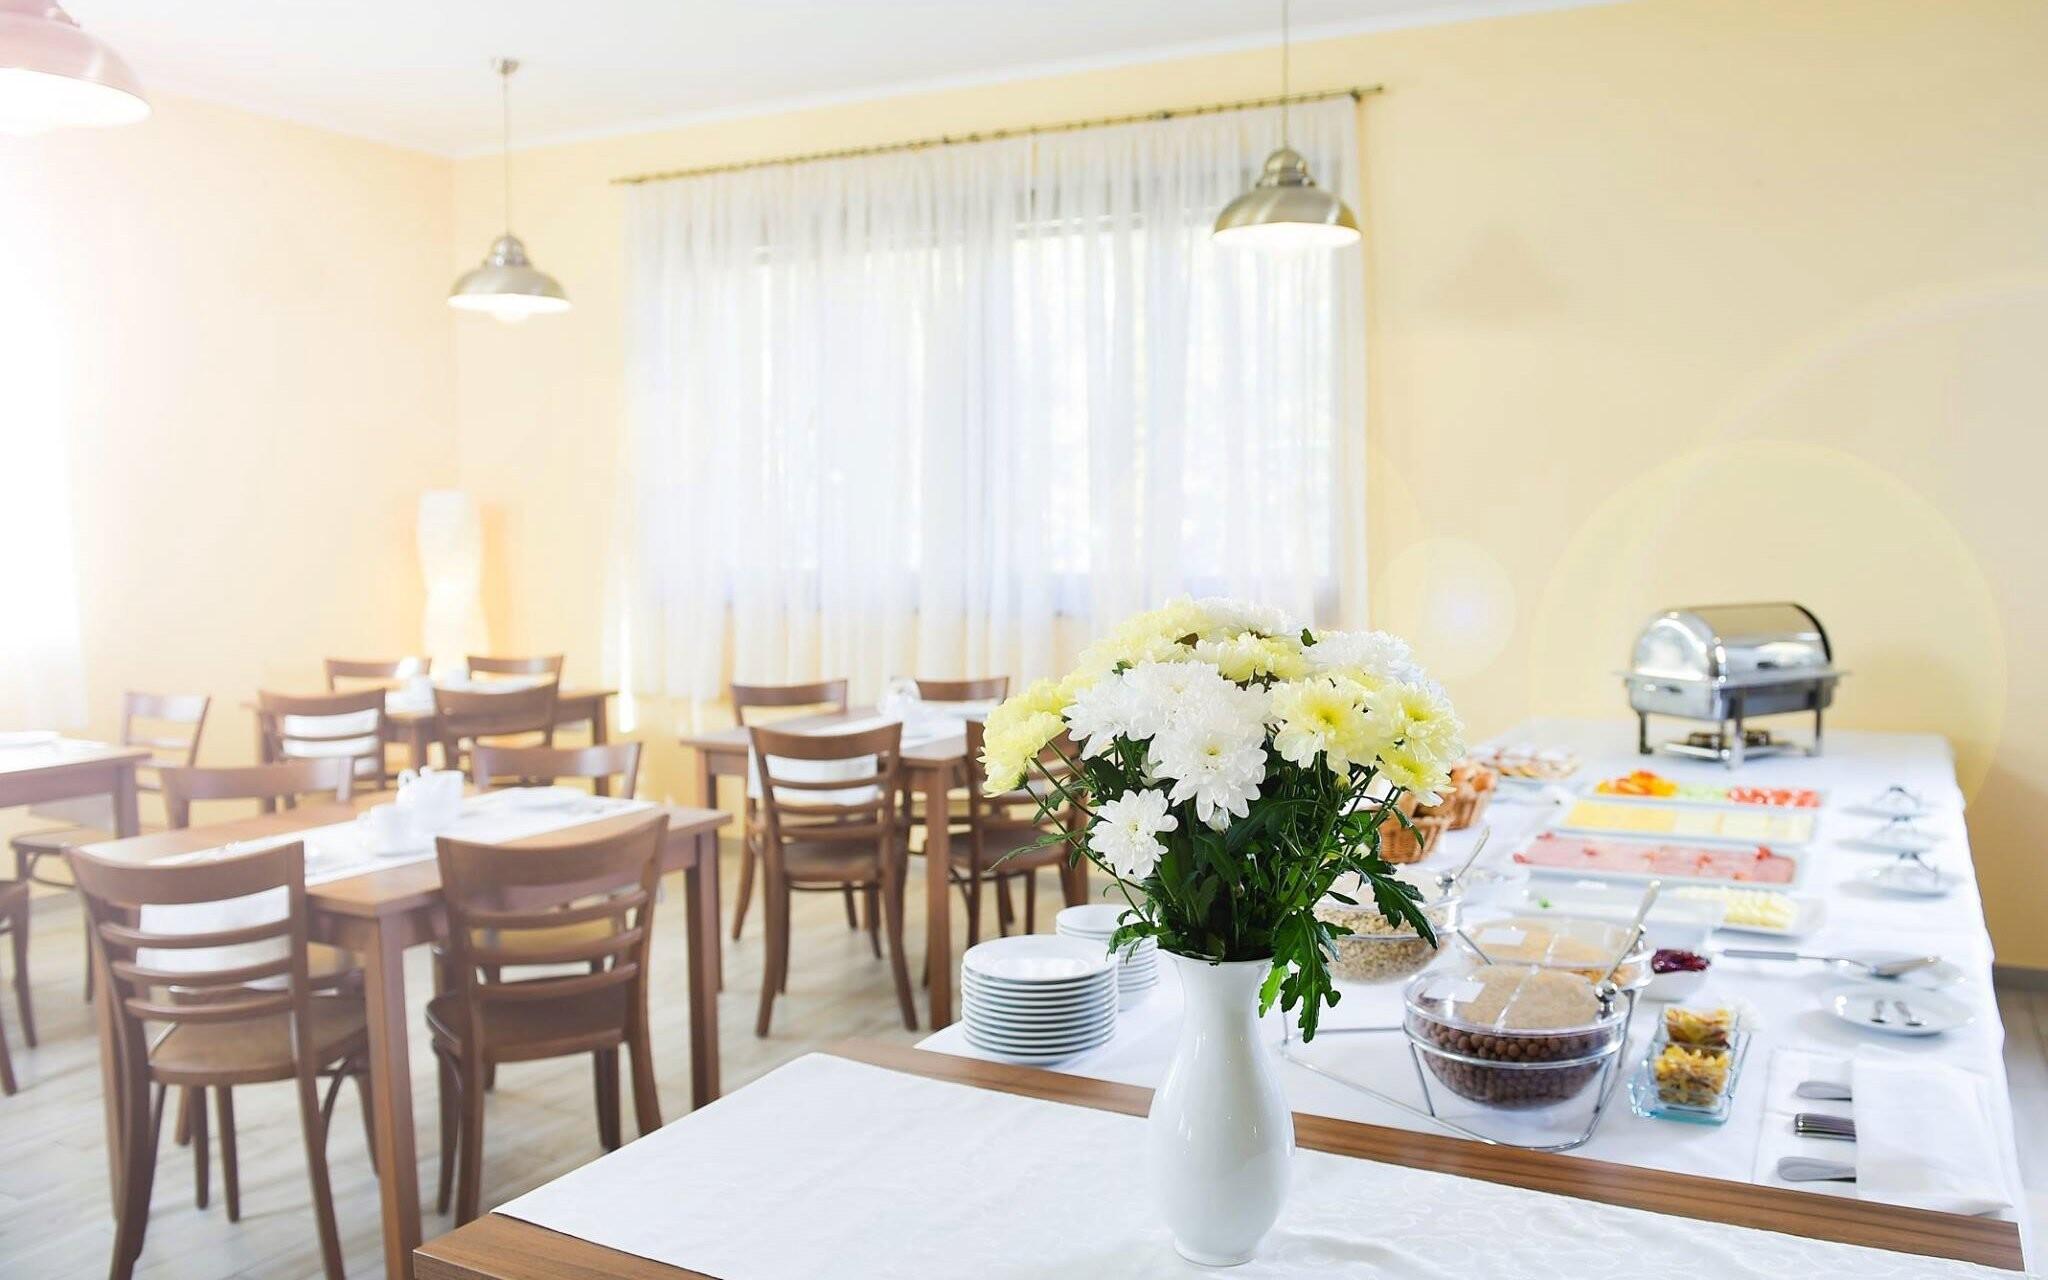 V hotelovej reštaurácii si pochutnáte na skvelých pokrmoch